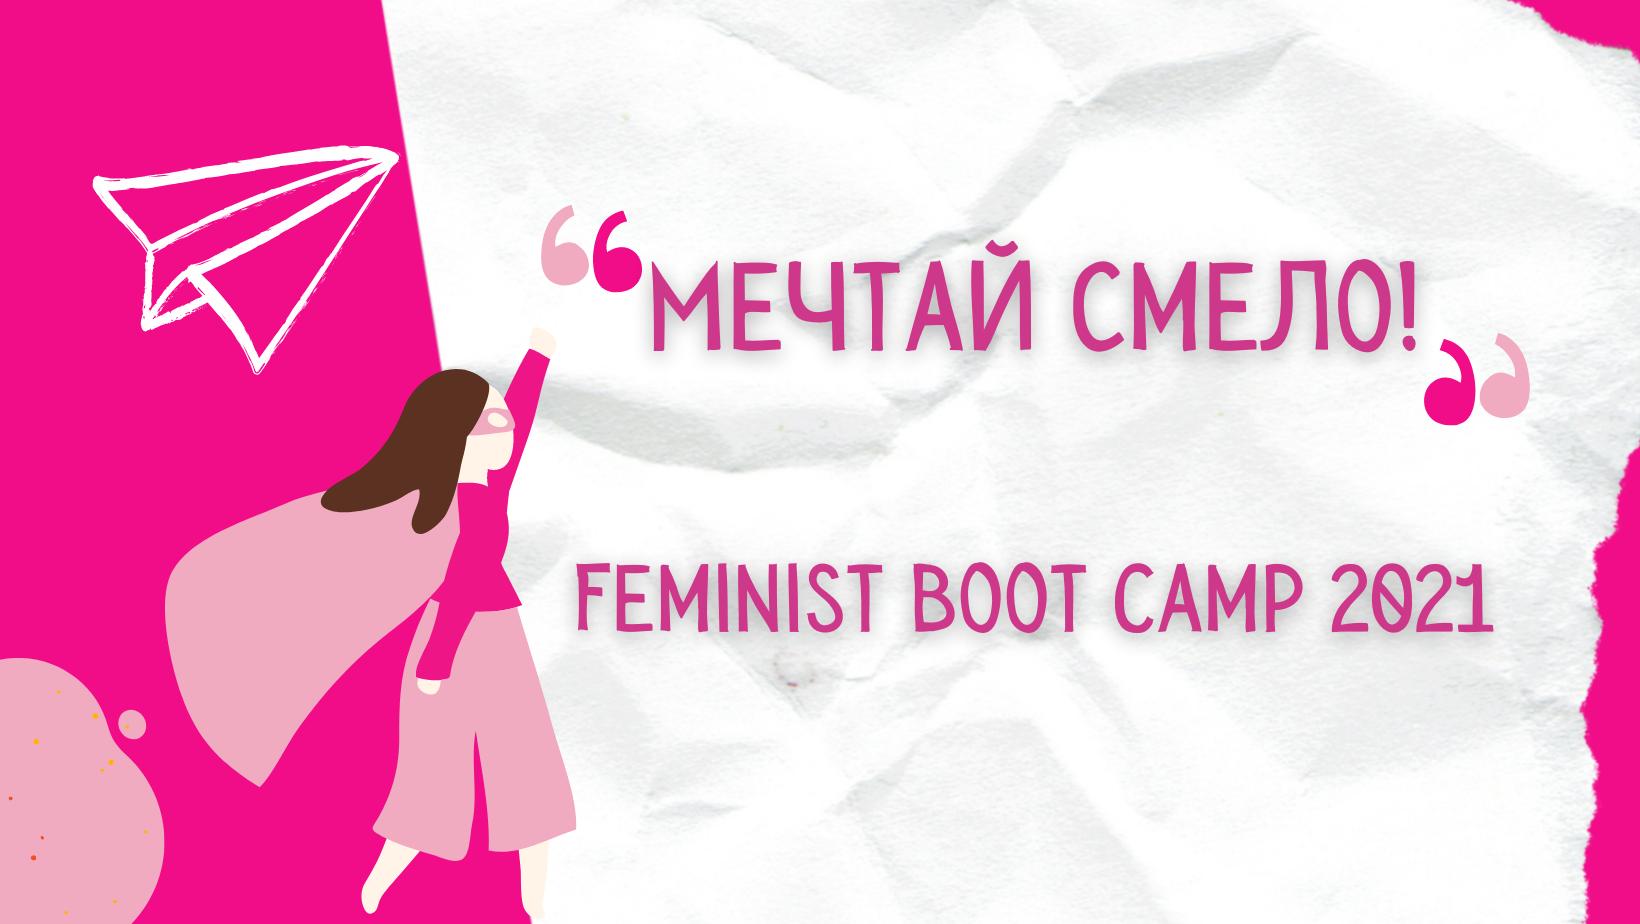 Български фонд за жените набира участнички за Feminist Boot Camp 2021: Мечтай смело!